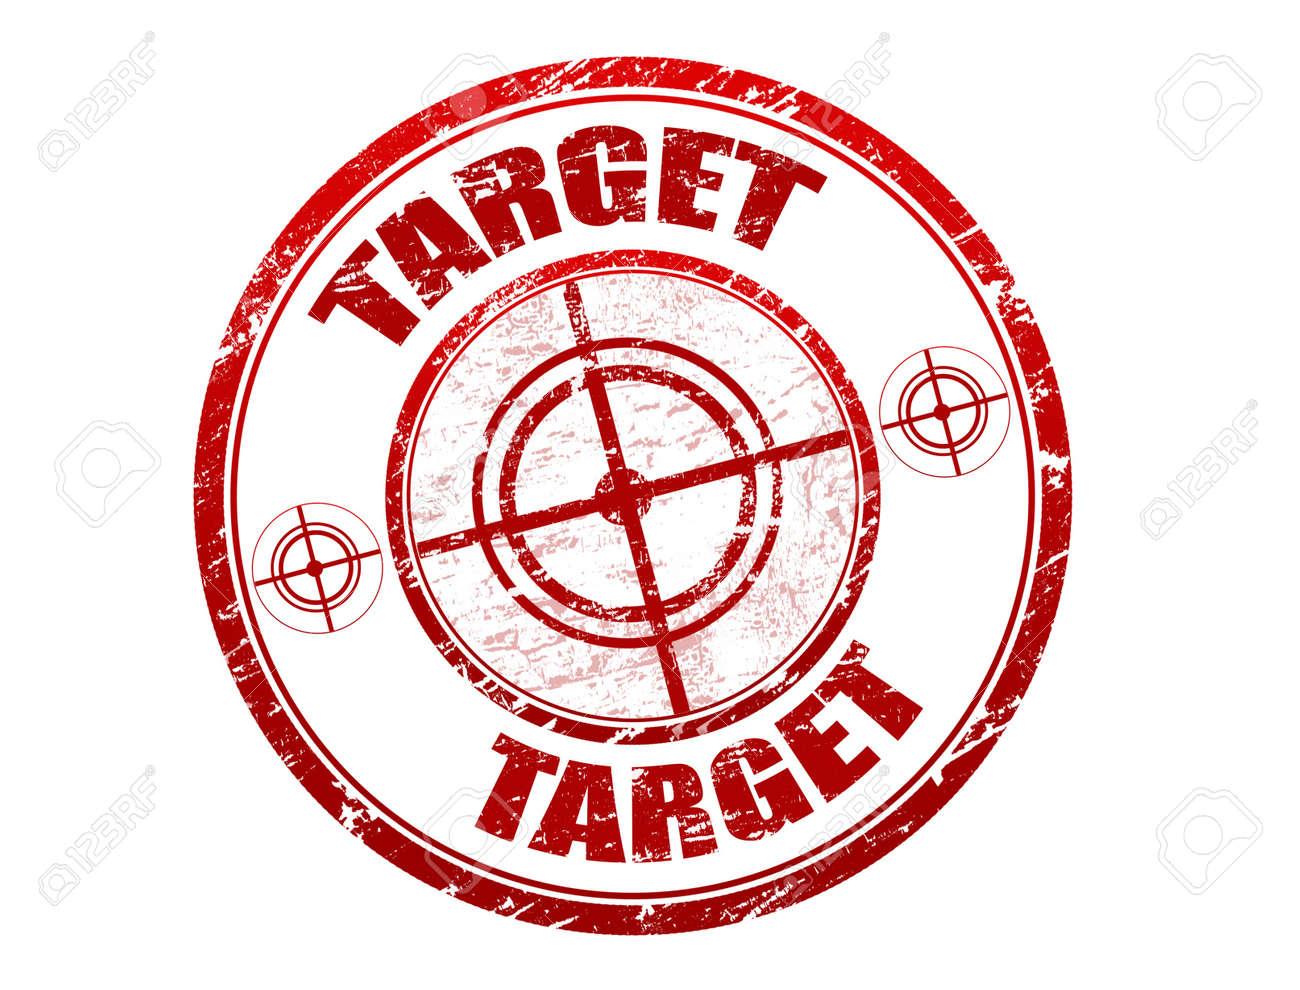 Image result for target sign